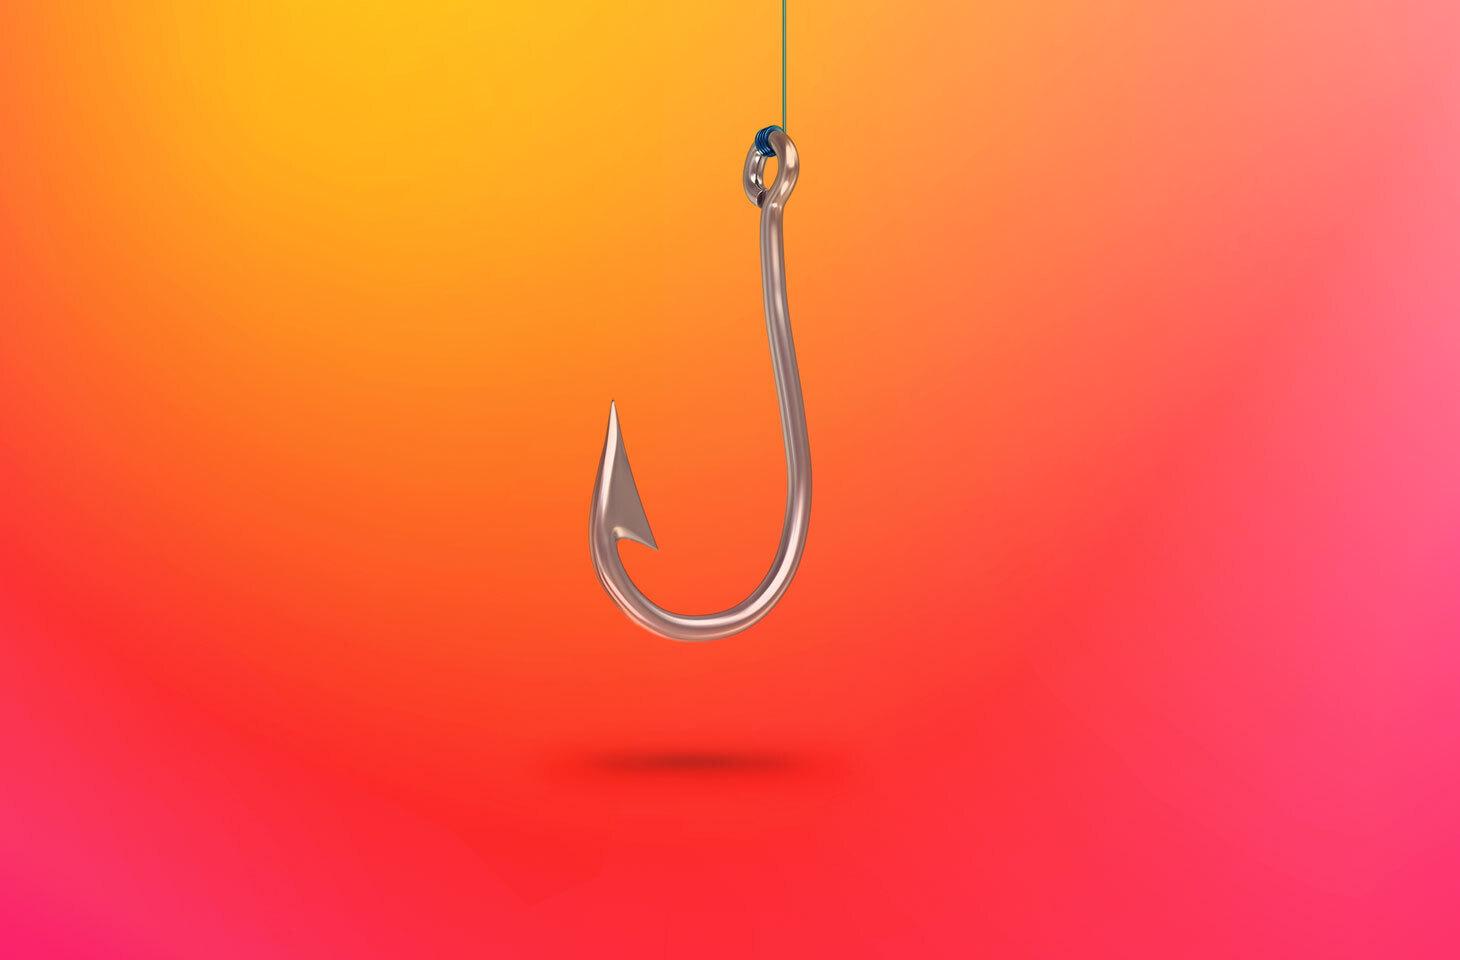 借電郵市場推廣服務散播的網絡釣魚服務